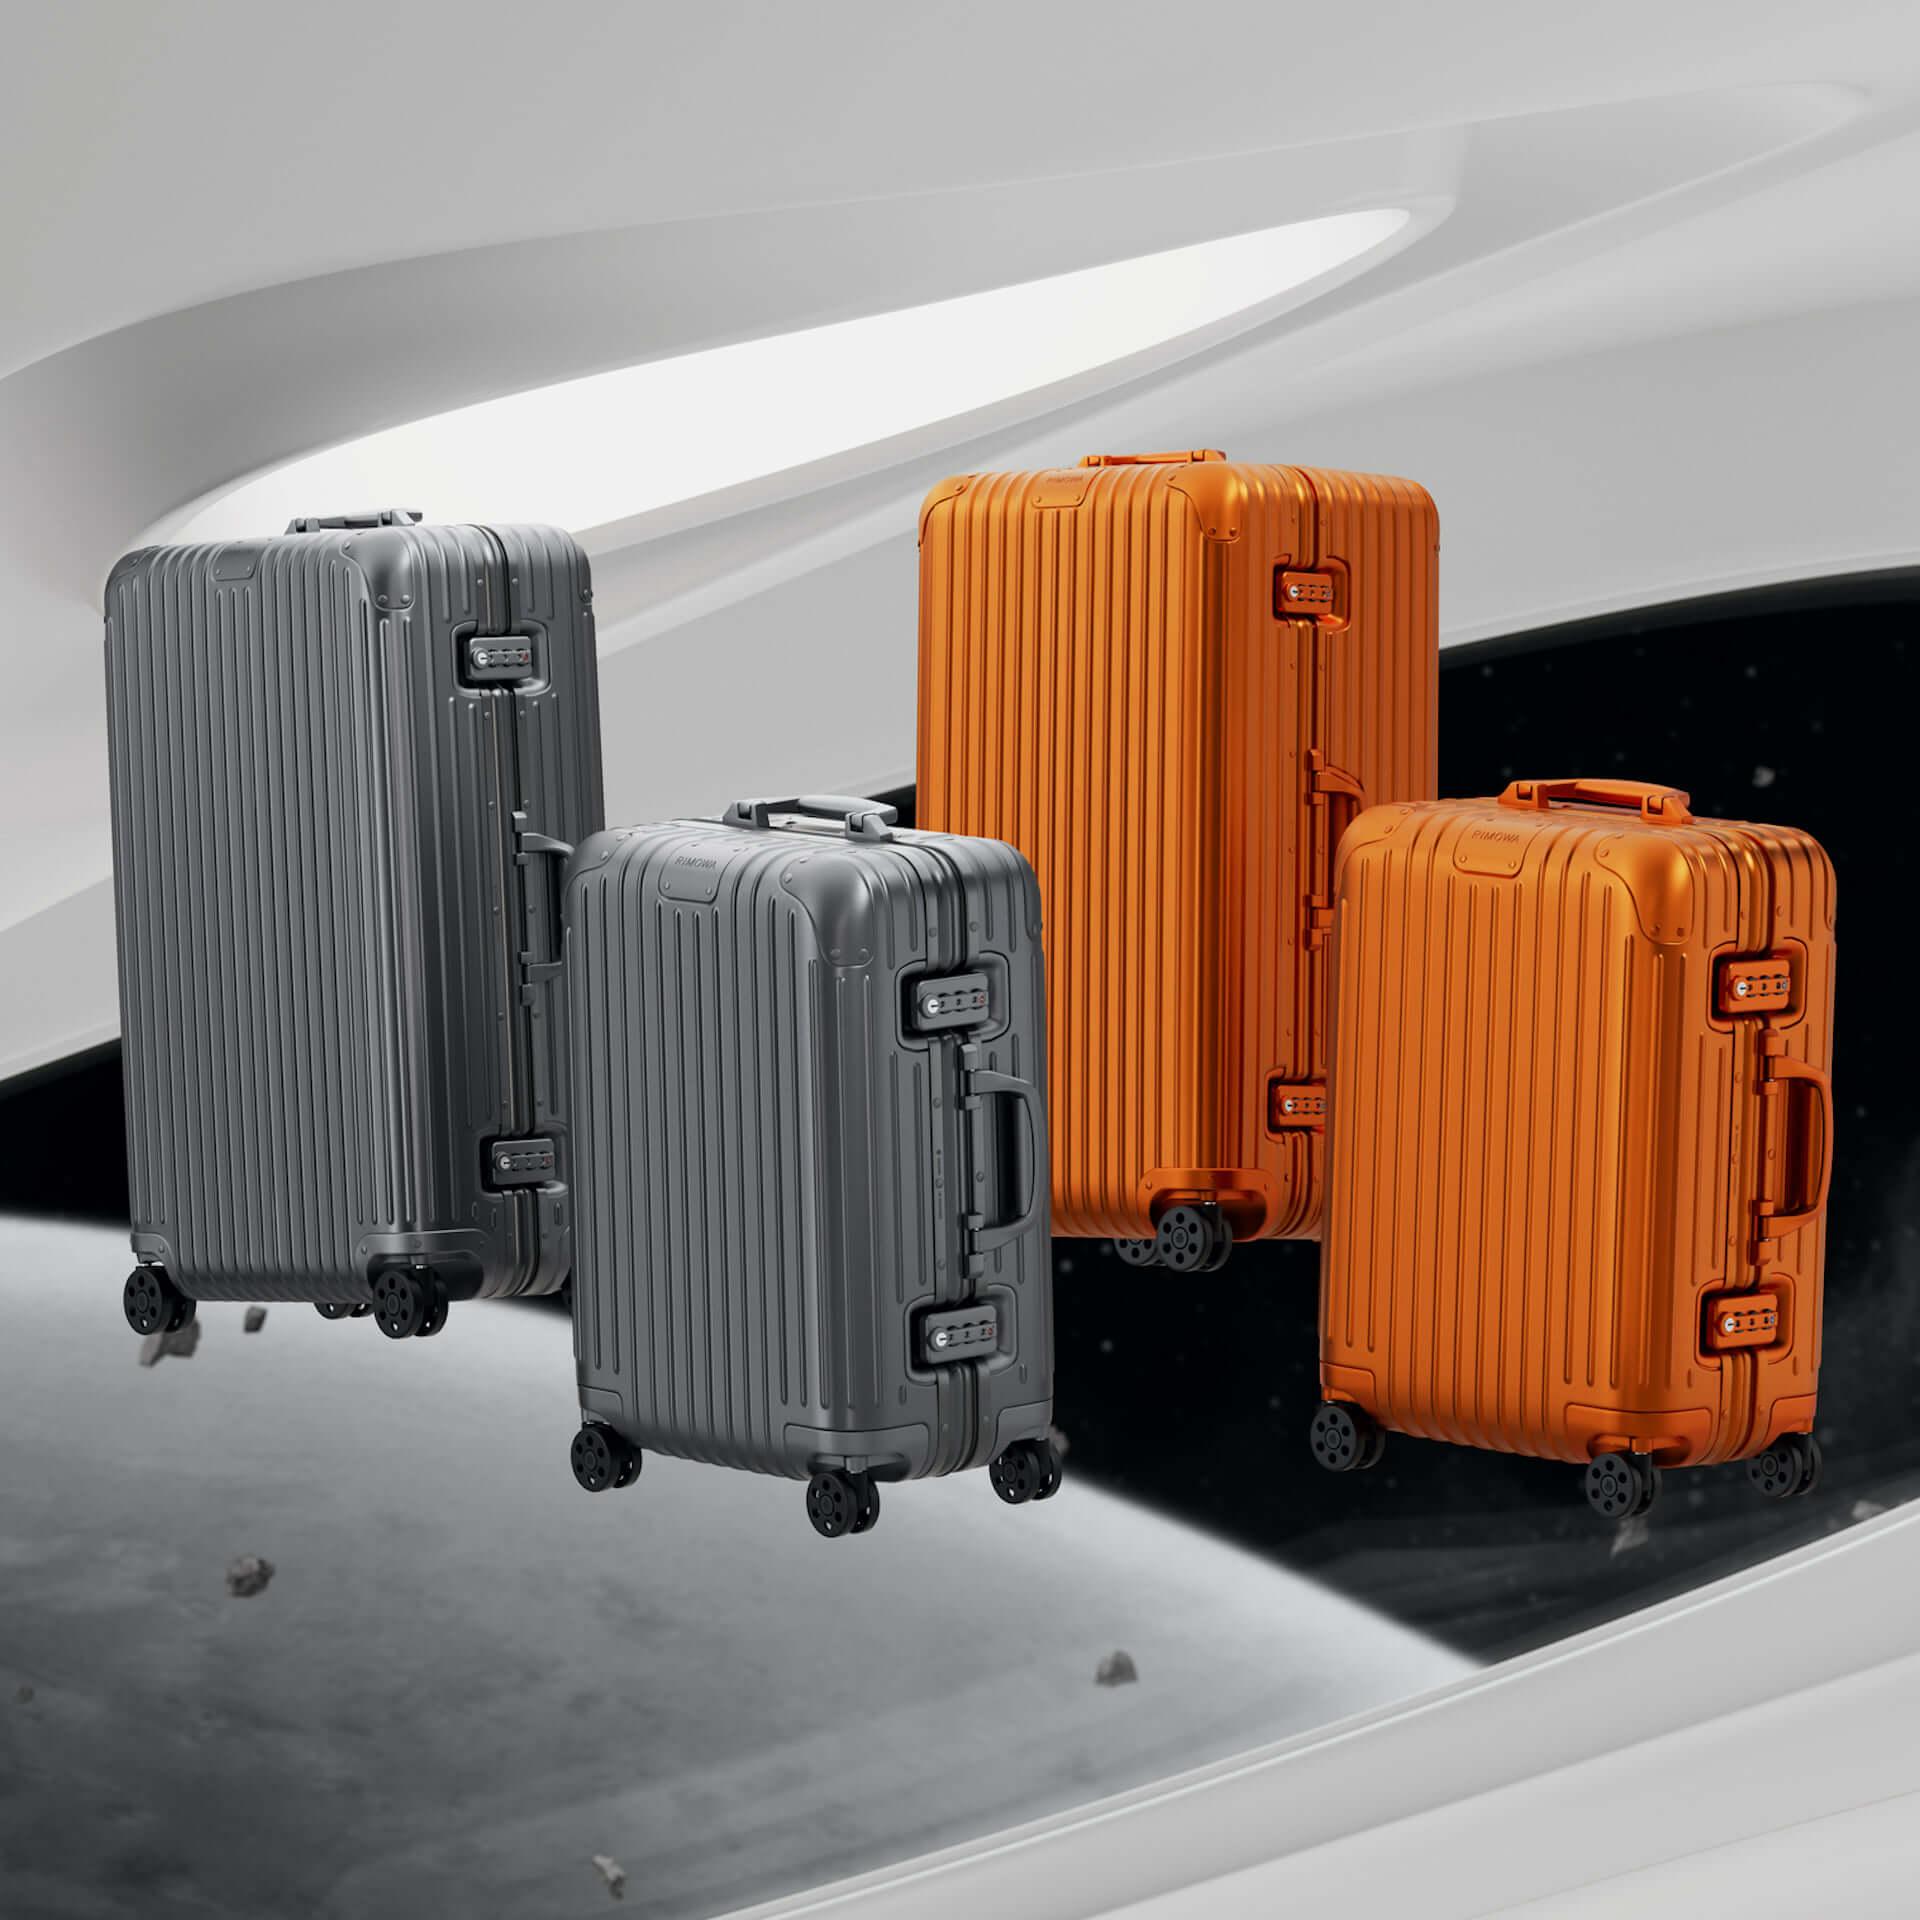 RIMOWAを代表するアルミニウム合金製スーツケースの新色が発売決定!銀河から着想を得たオレンジ、ミディアムグレーが登場 tech210202_rimowa_1-1920x1920